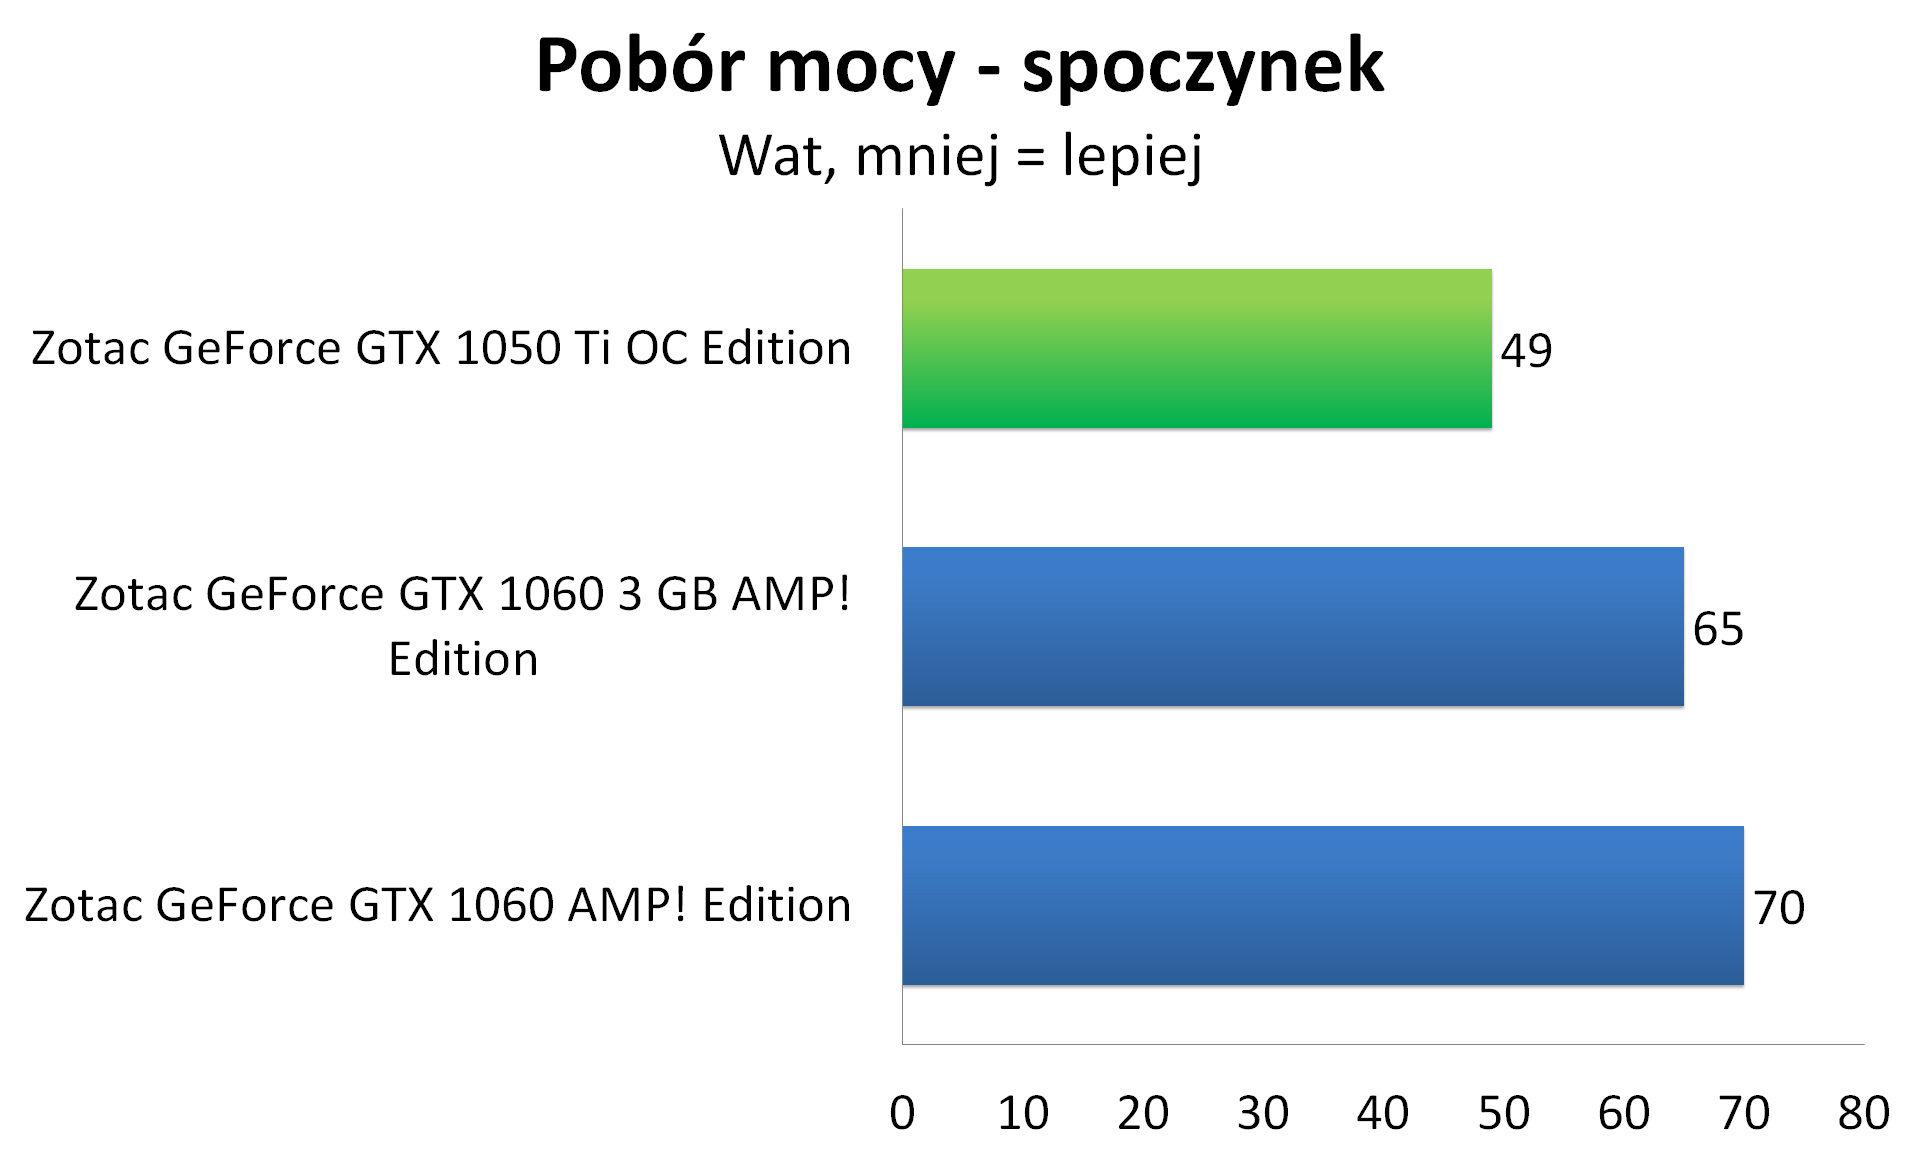 Zotac GeForce GTX 1050 Ti OC Edition - Pobór mocy - spoczynek